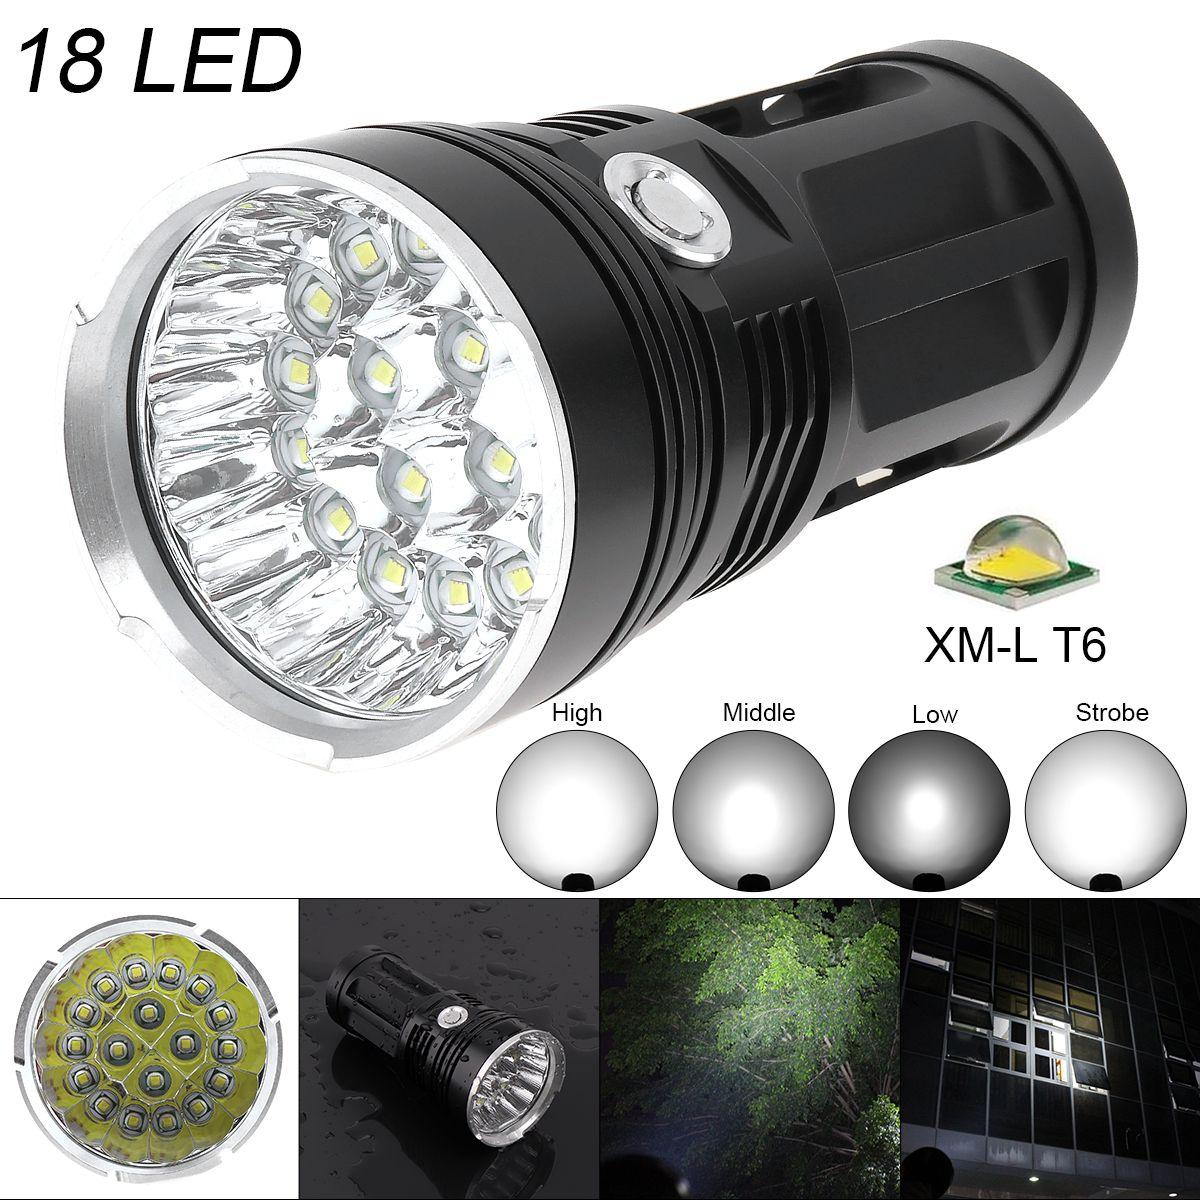 LED Super Lumineux lampe de Poche Étanche Torche 18x XM-L T6 LED 5400 Lumens En Aluminium Flash Lampe pour Randonnée/Pêche